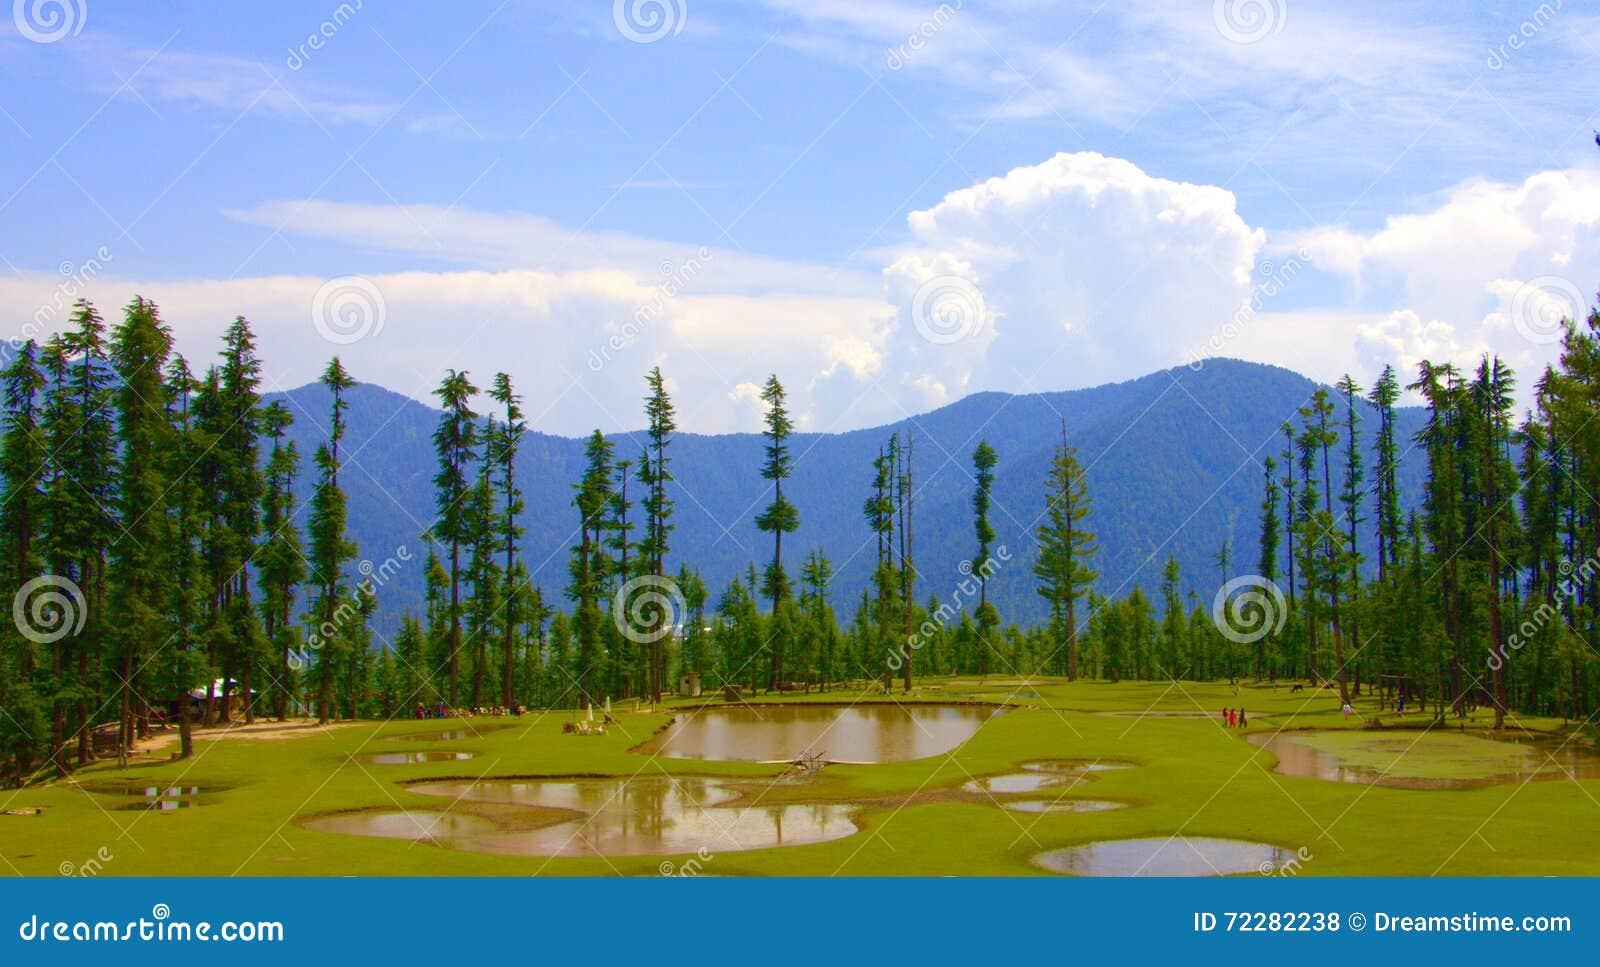 Download Рай на земле стоковое фото. изображение насчитывающей земля - 72282238